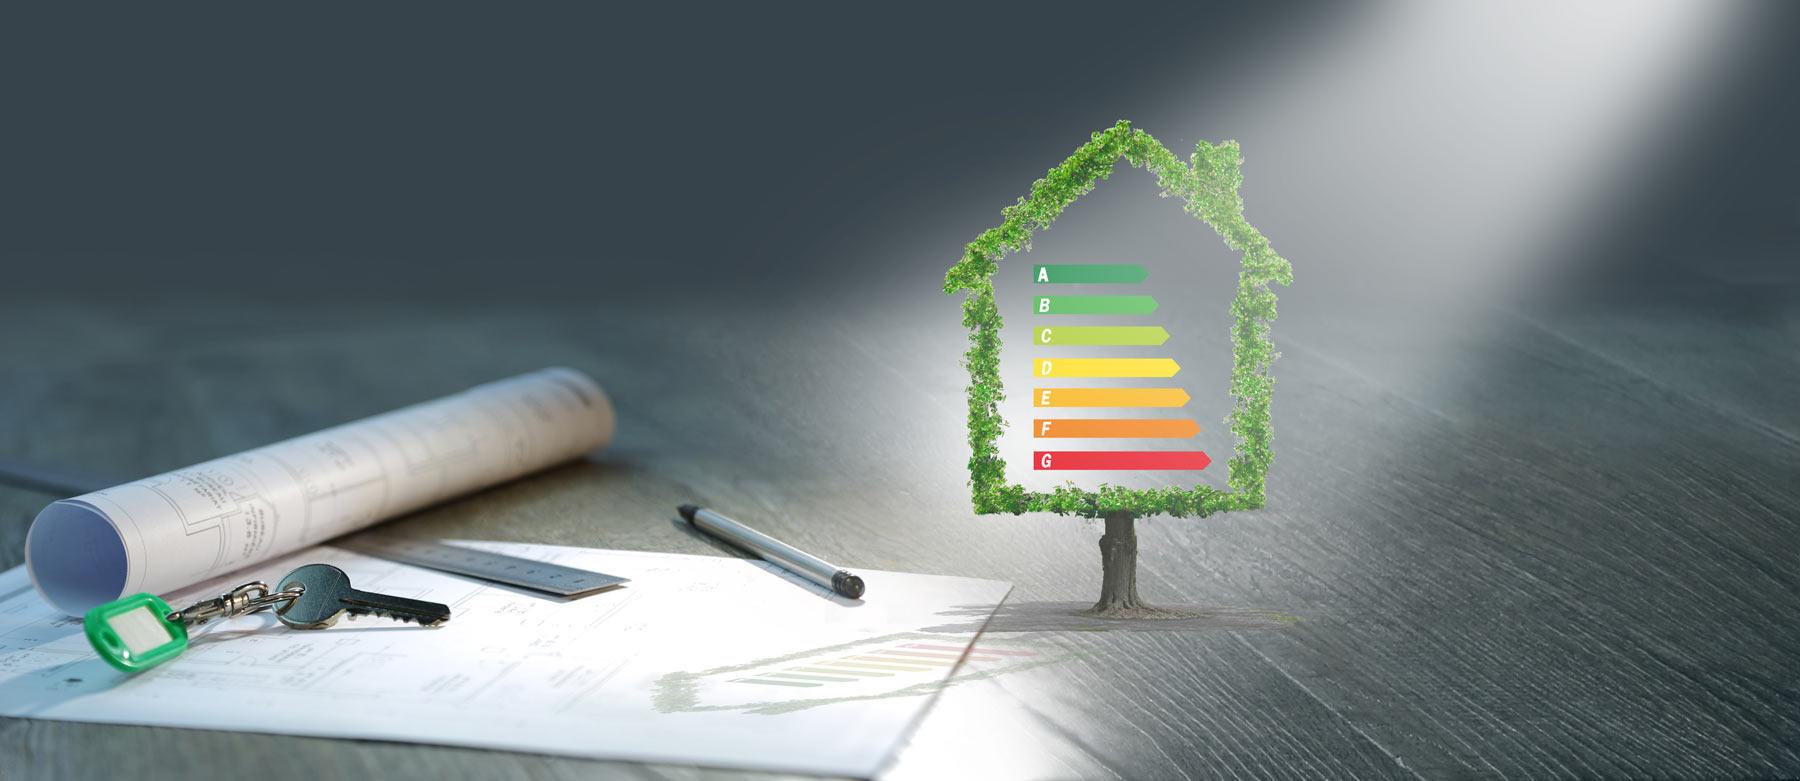 Constructeur de maison bbc rt2012 positive pour plus d for Constructeur maison positive